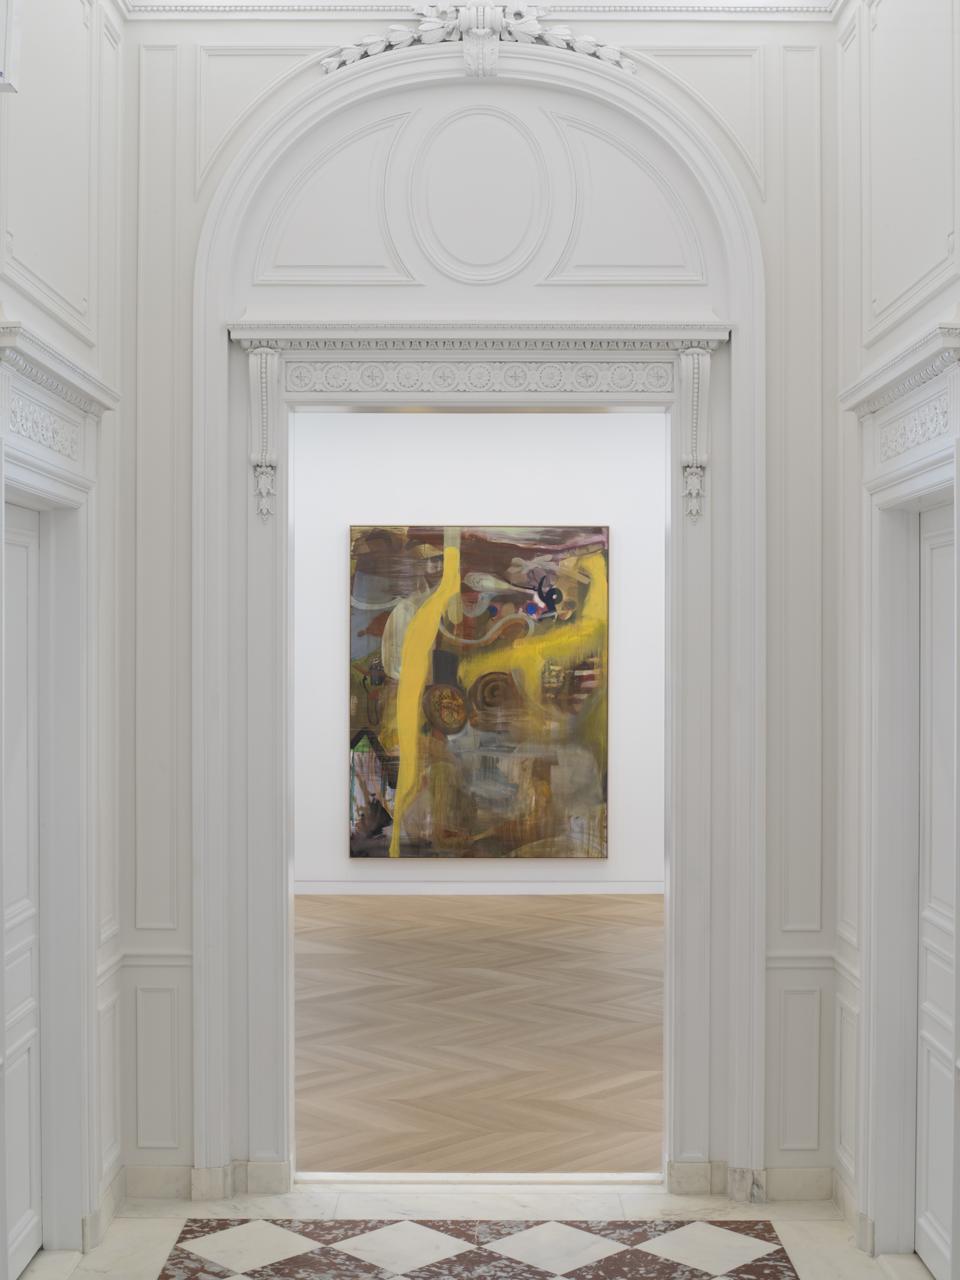 Albert Oehlen, 'Fn 31,' 1990, oil on canvas.